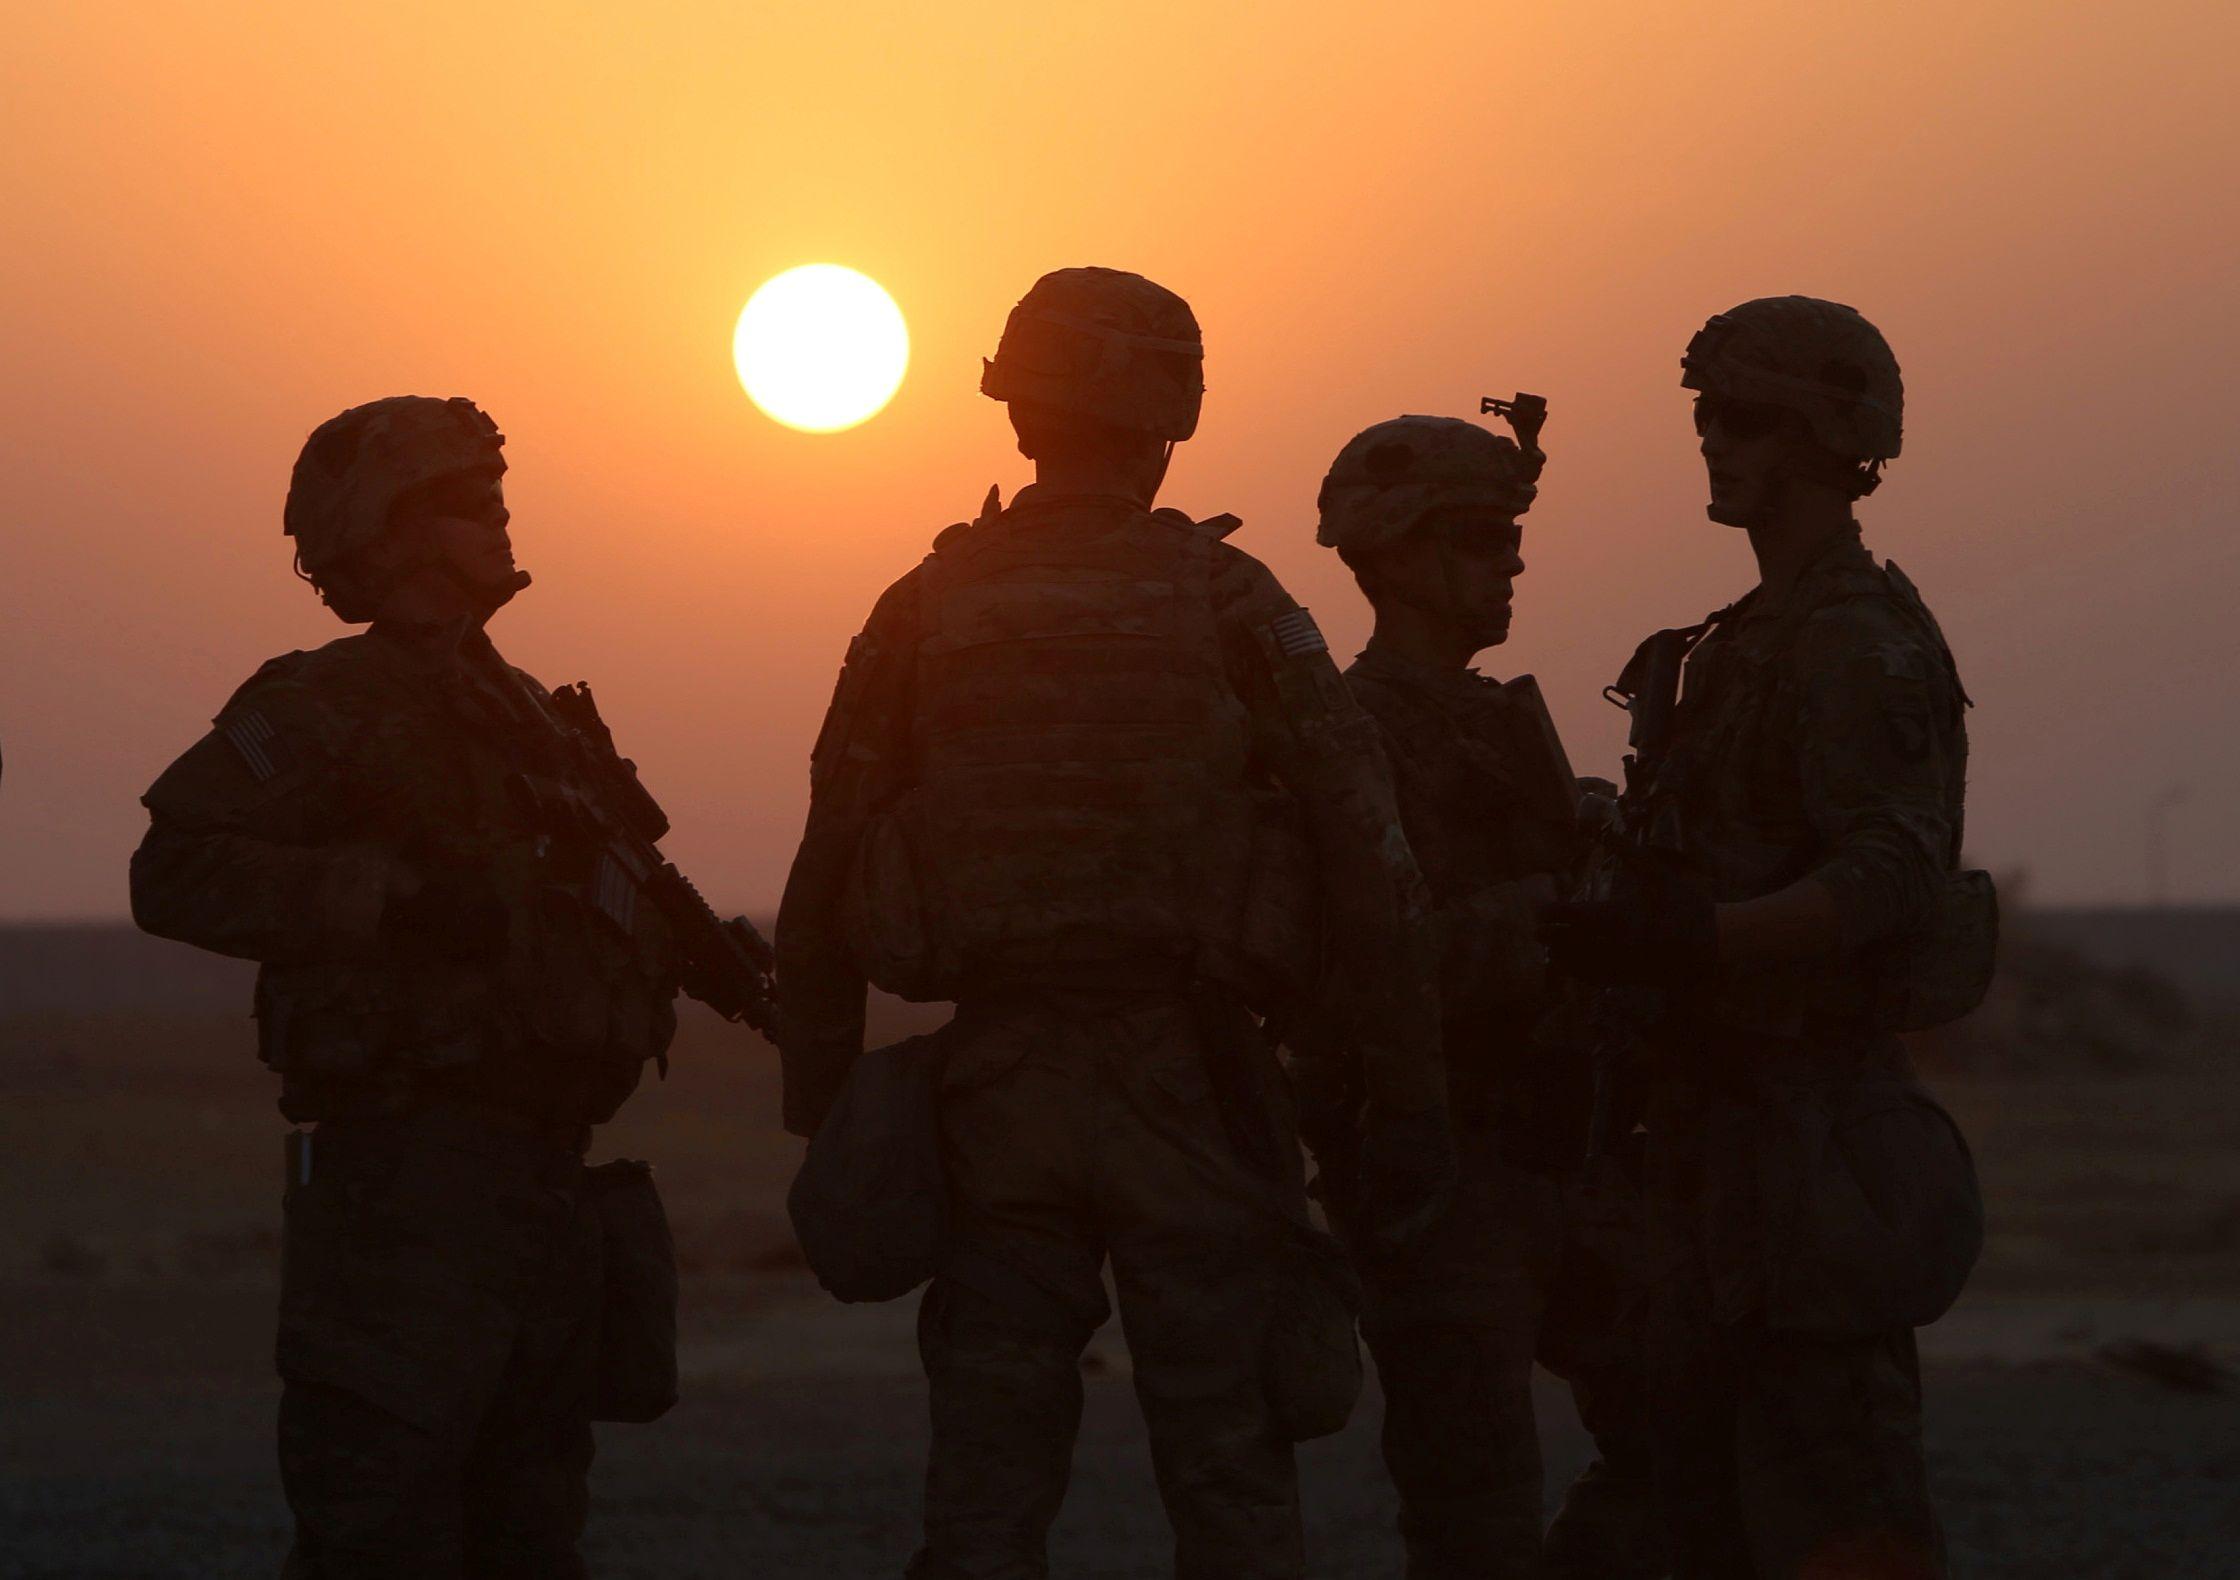 Iraq U.S. Troops